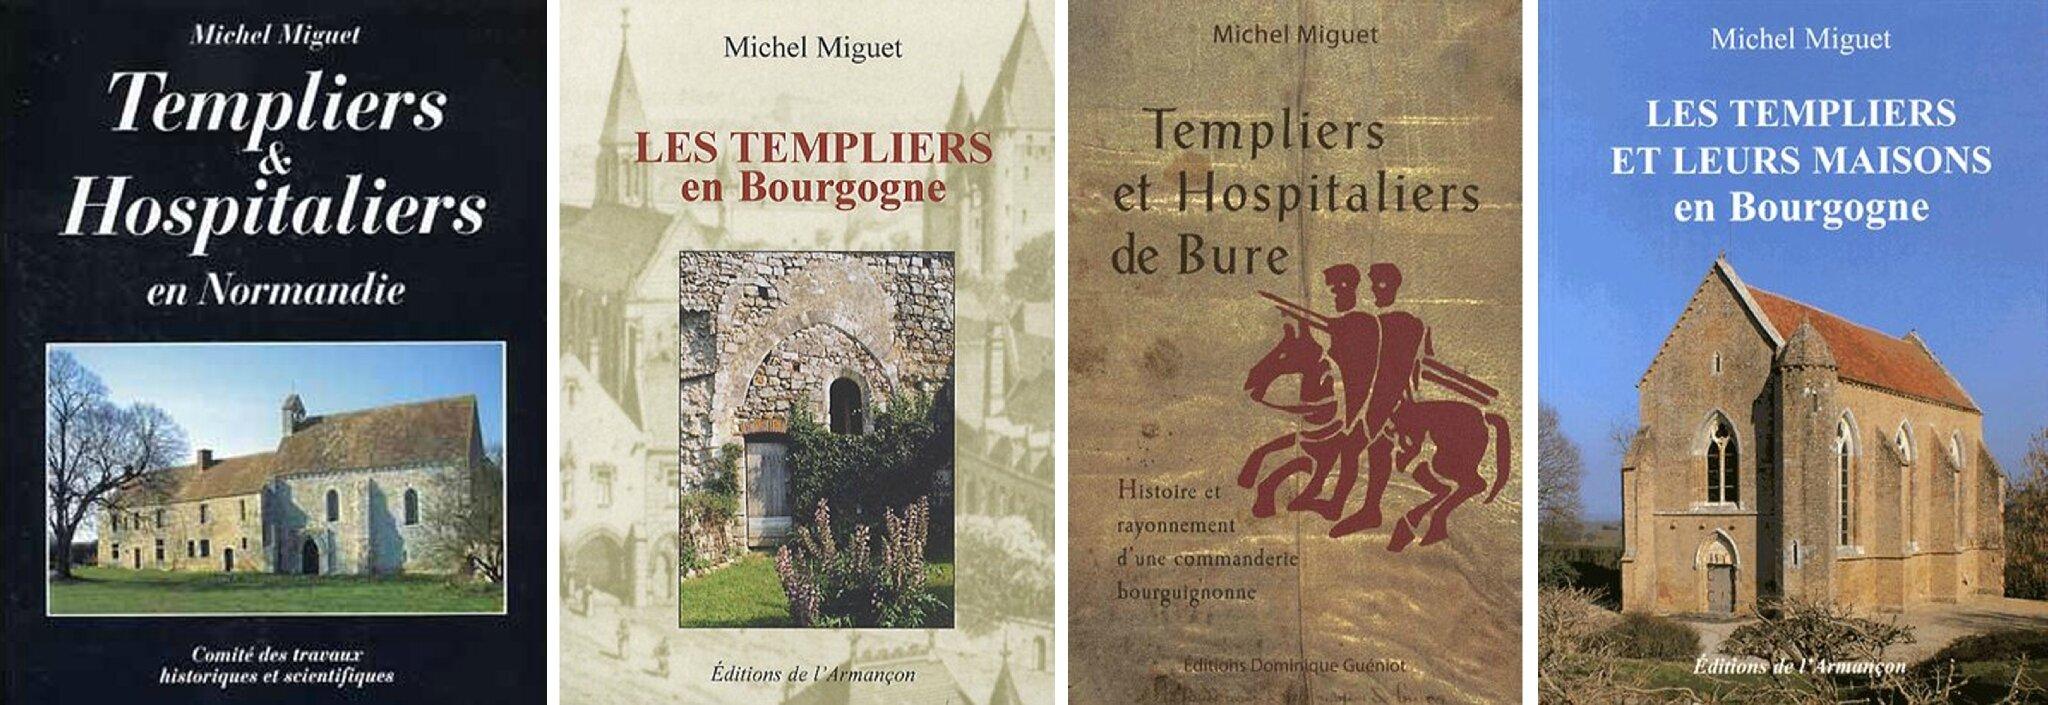 MICHEL MIGUET, Docteur en Archéologie, spécialiste des implantations des ordres du Temple...